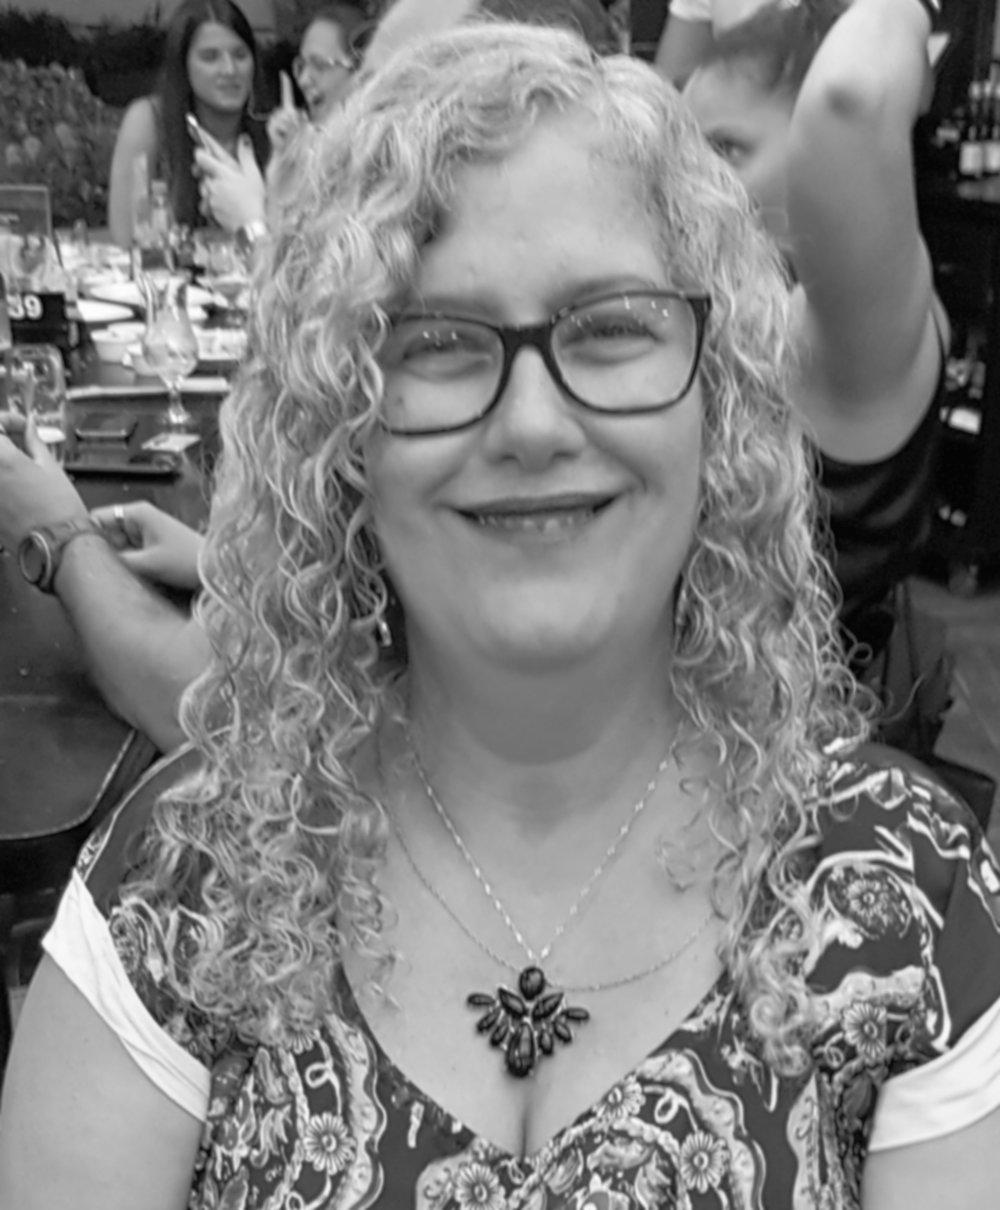 Monica Miranda possui Licenciatura plena em Educação Artística com habilitação em Música, passando pelas Escolas de Música Villa Lobos e Pró Arte. Foi flautista da Banda Civil da cidade do Rio de Janeiro onde teve mais de mil apresentações durante 8 anos em eventos por todo o Estado. Atualmente éIntegrante do coral Rio em Canto e ministra aulas de Flauta doce,Flauta transversa e Teoria Musical.